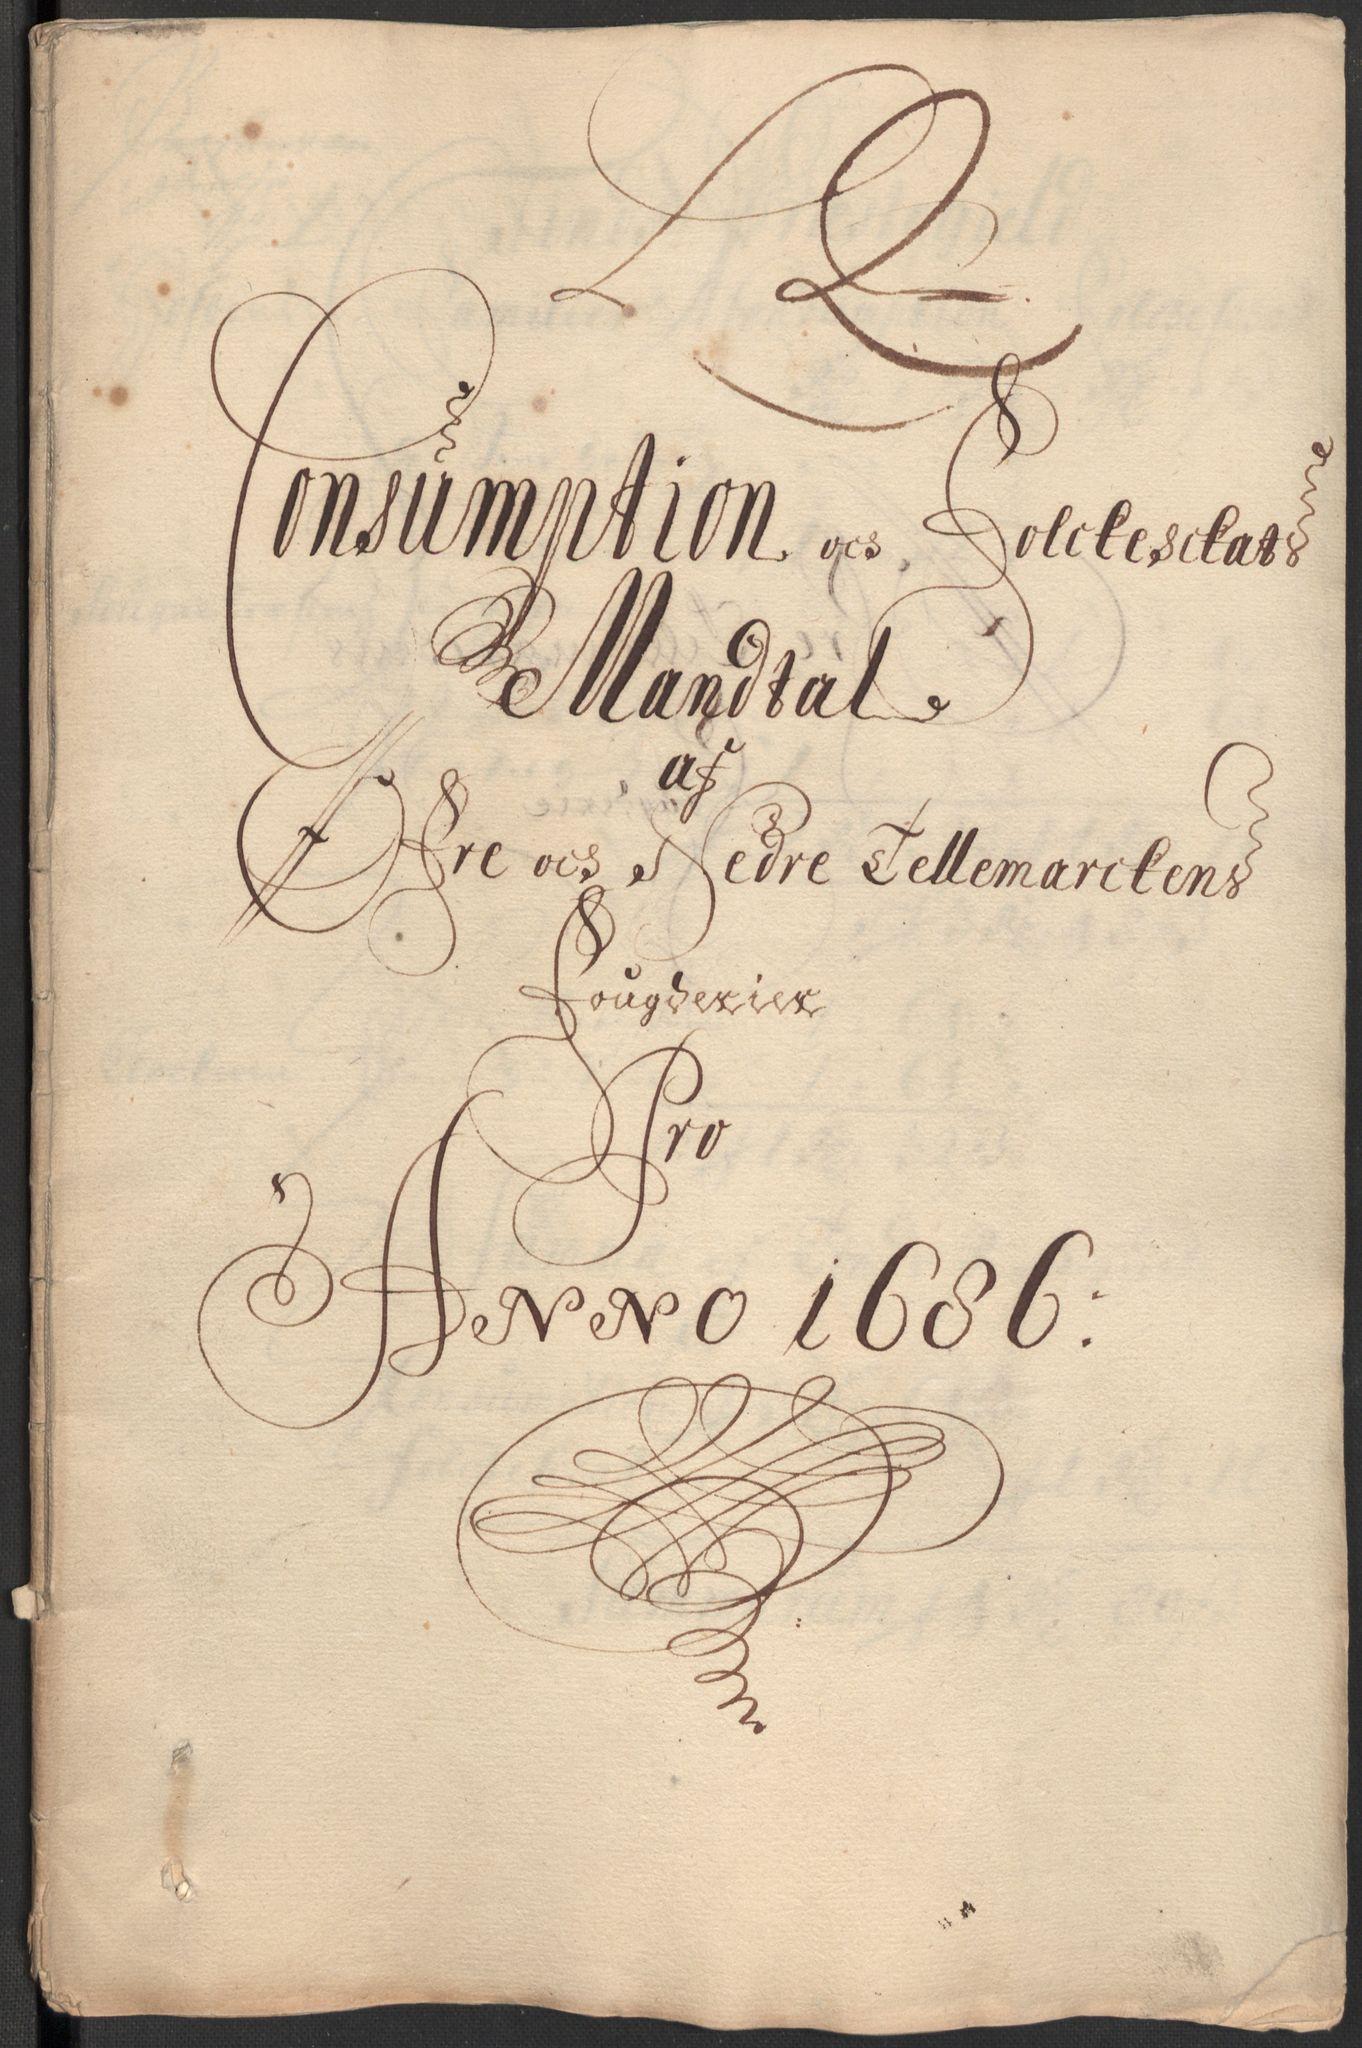 RA, Rentekammeret inntil 1814, Reviderte regnskaper, Fogderegnskap, R35/L2083: Fogderegnskap Øvre og Nedre Telemark, 1686, s. 363